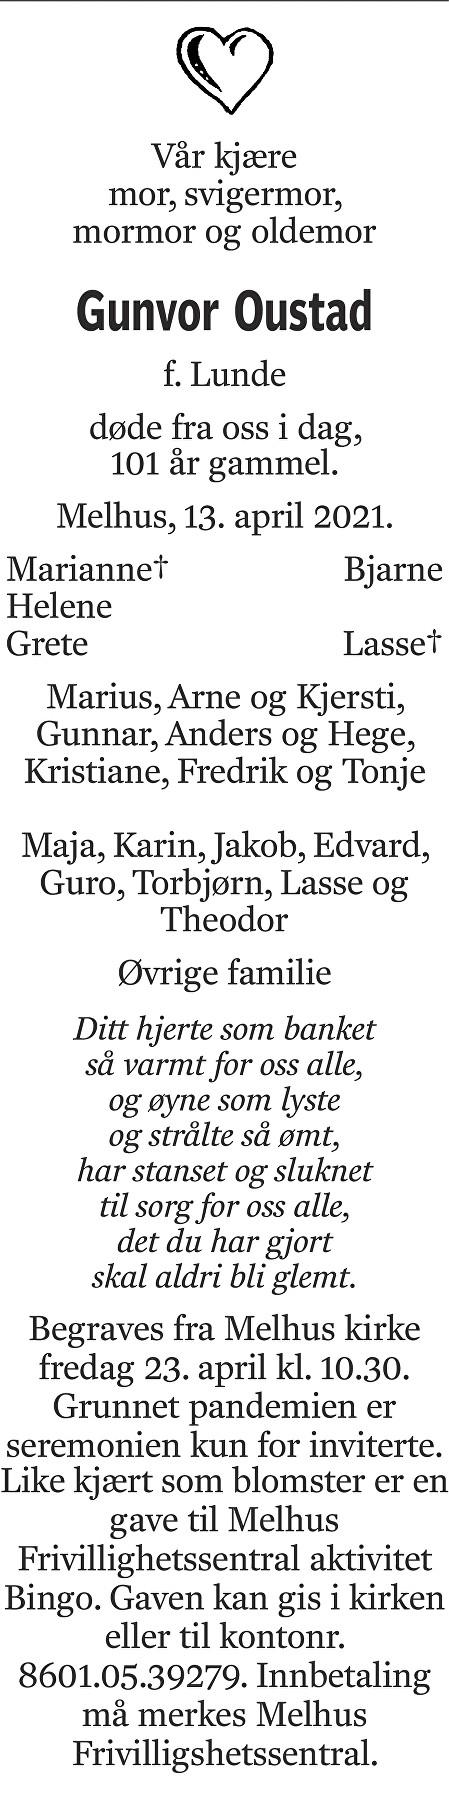 Gunvor Oustad Dødsannonse